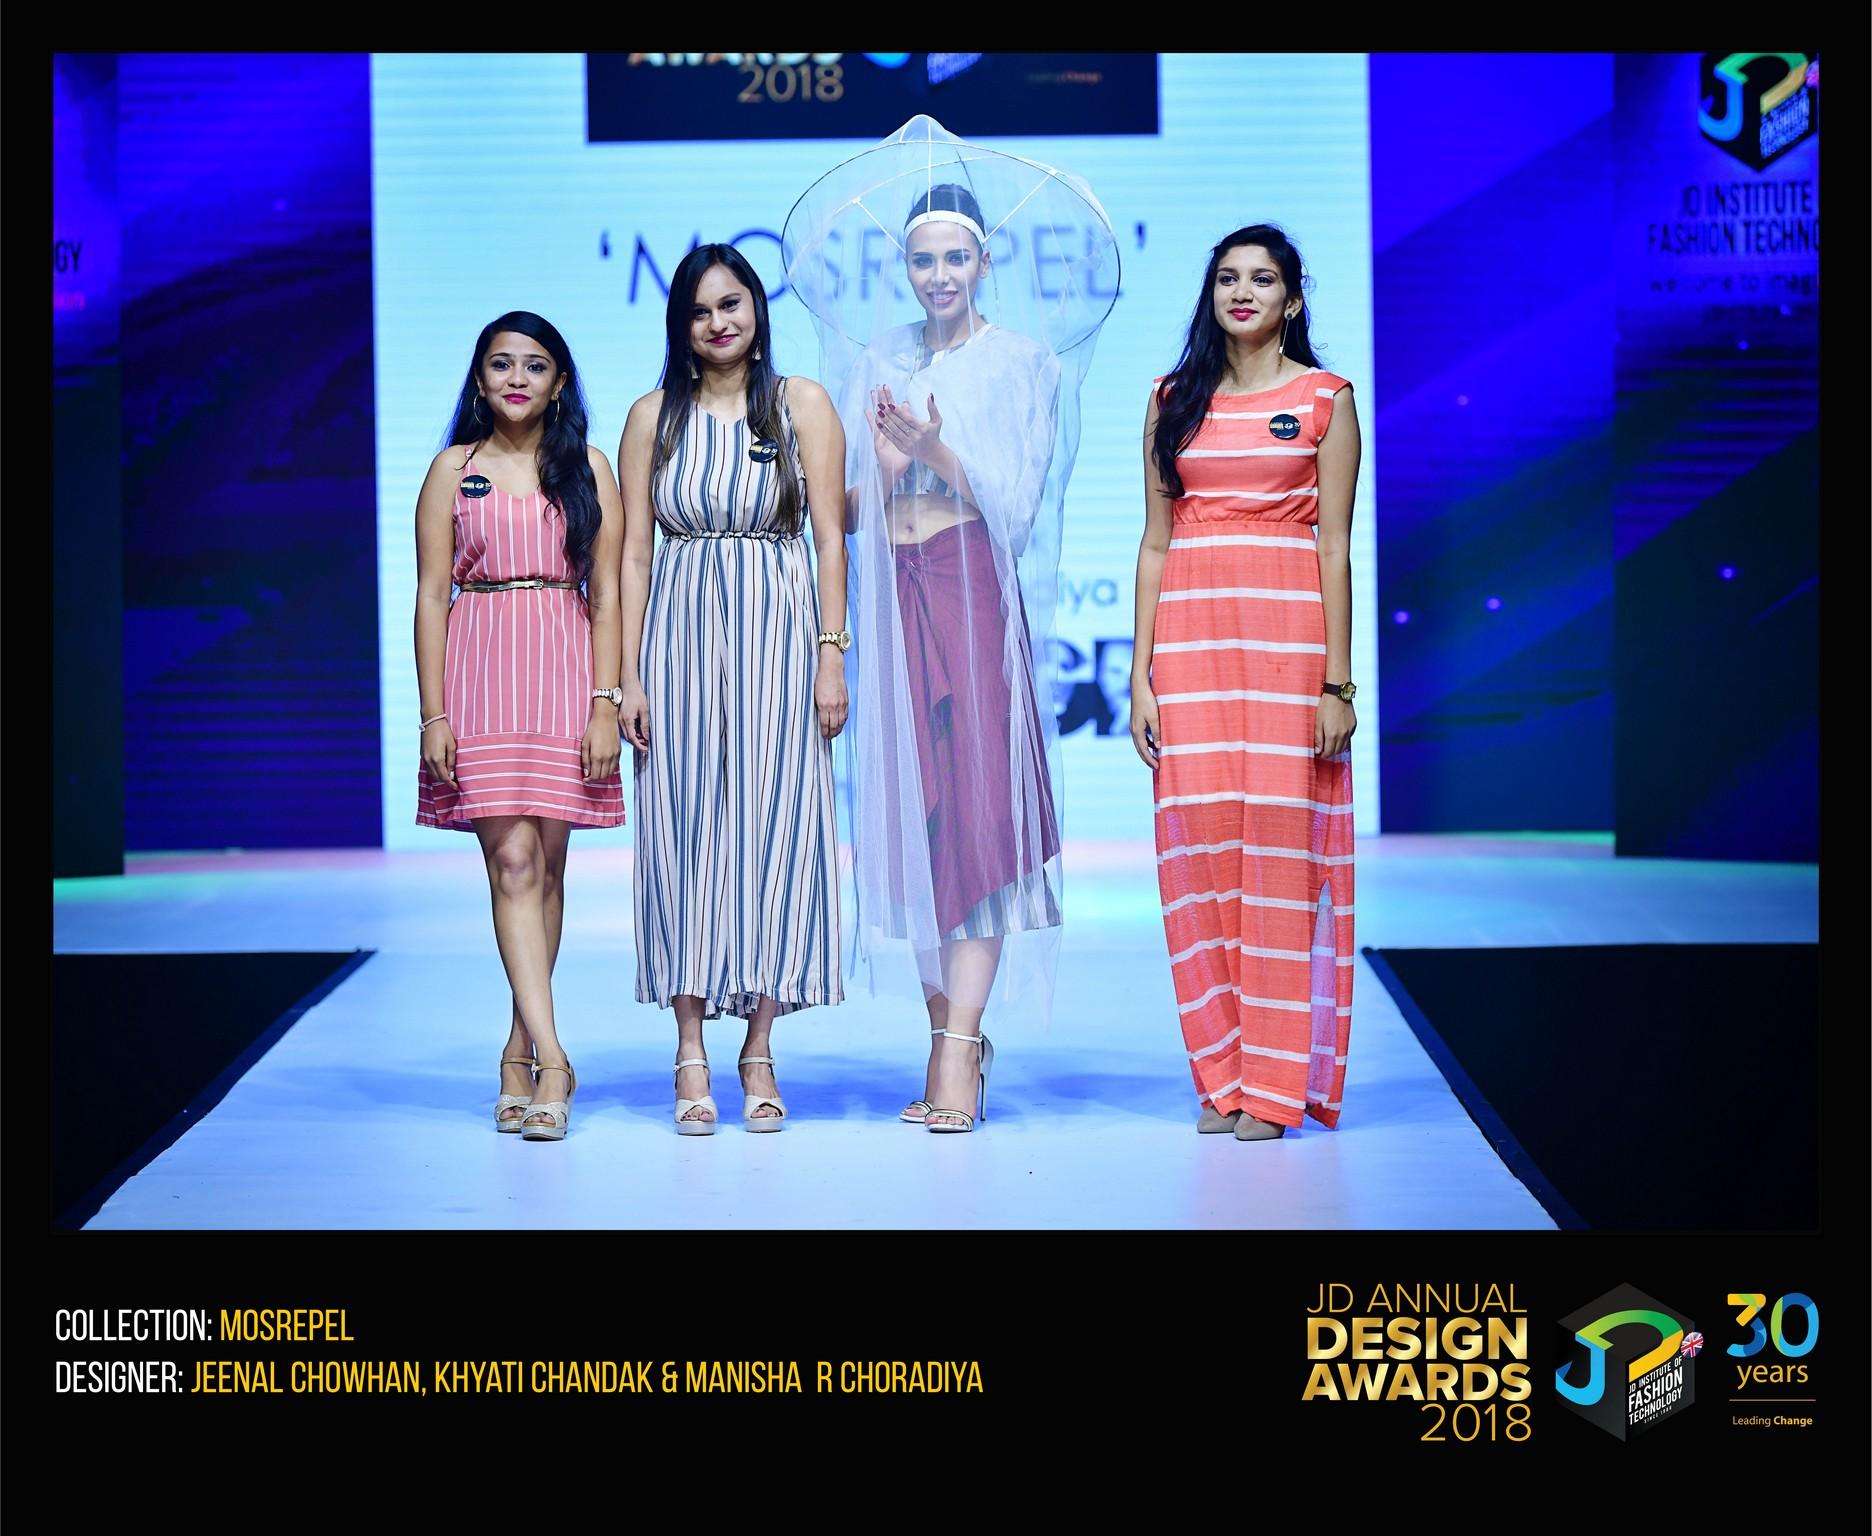 Mosrepel – Change – JD Annual Design Awards 2018 | Designer: Manisha, Jinal and Khyati | Photography : Jerin Nath (@jerin_nath) mosrepel - MOSREPEL 8 - Mosrepel – Change – JD Annual Design Awards 2018